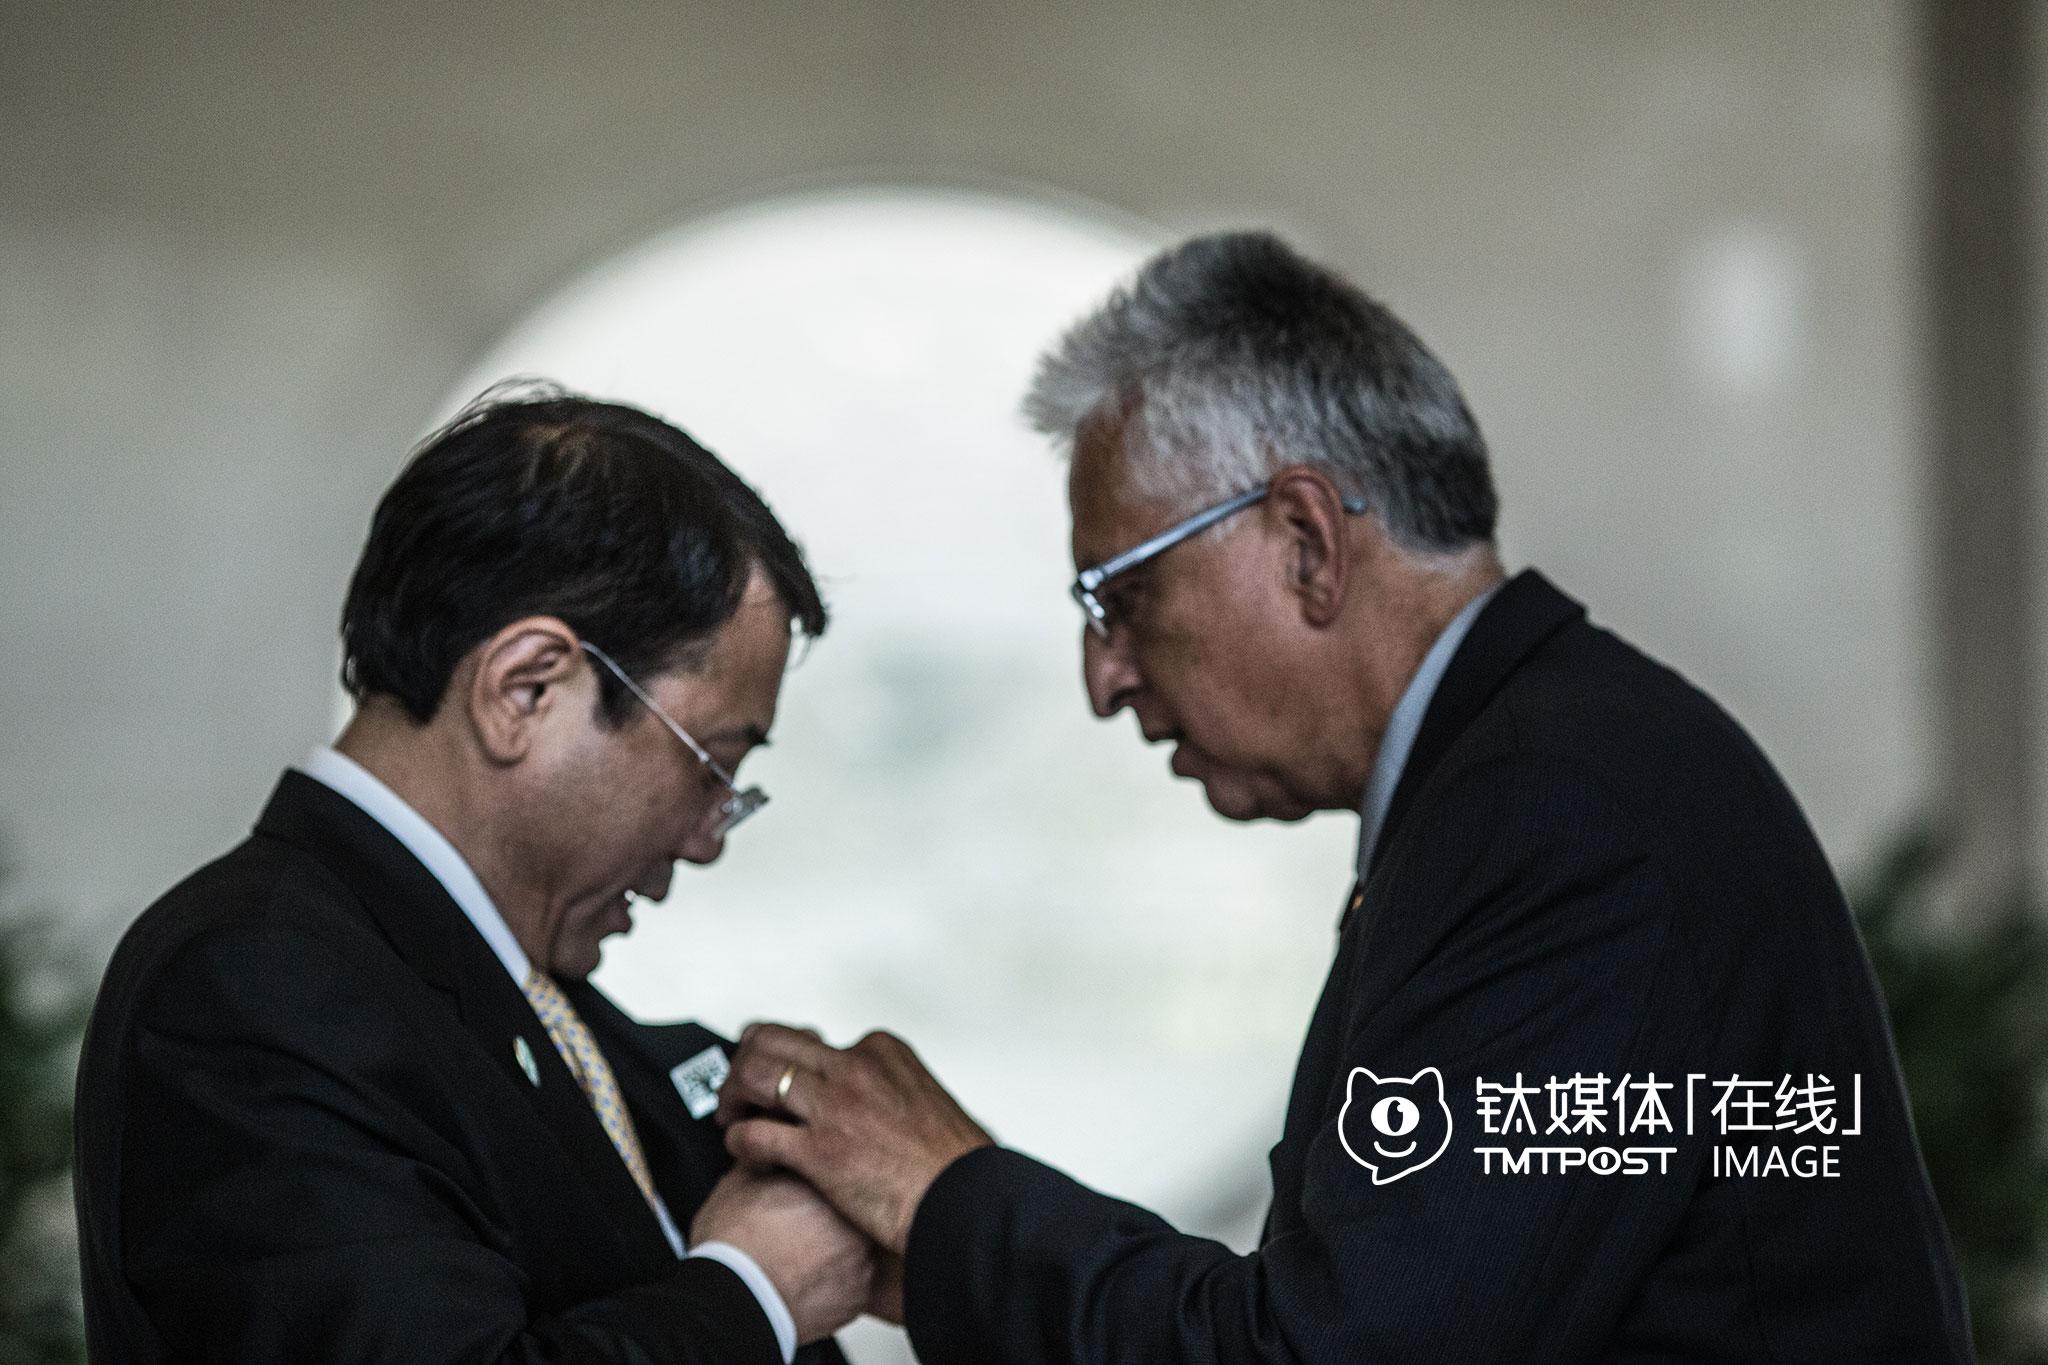 5月28日,北京海淀,瑞趣芒德市副市长Eduardo Martinez为一名中国官员佩戴瑞趣芒德的市徽。